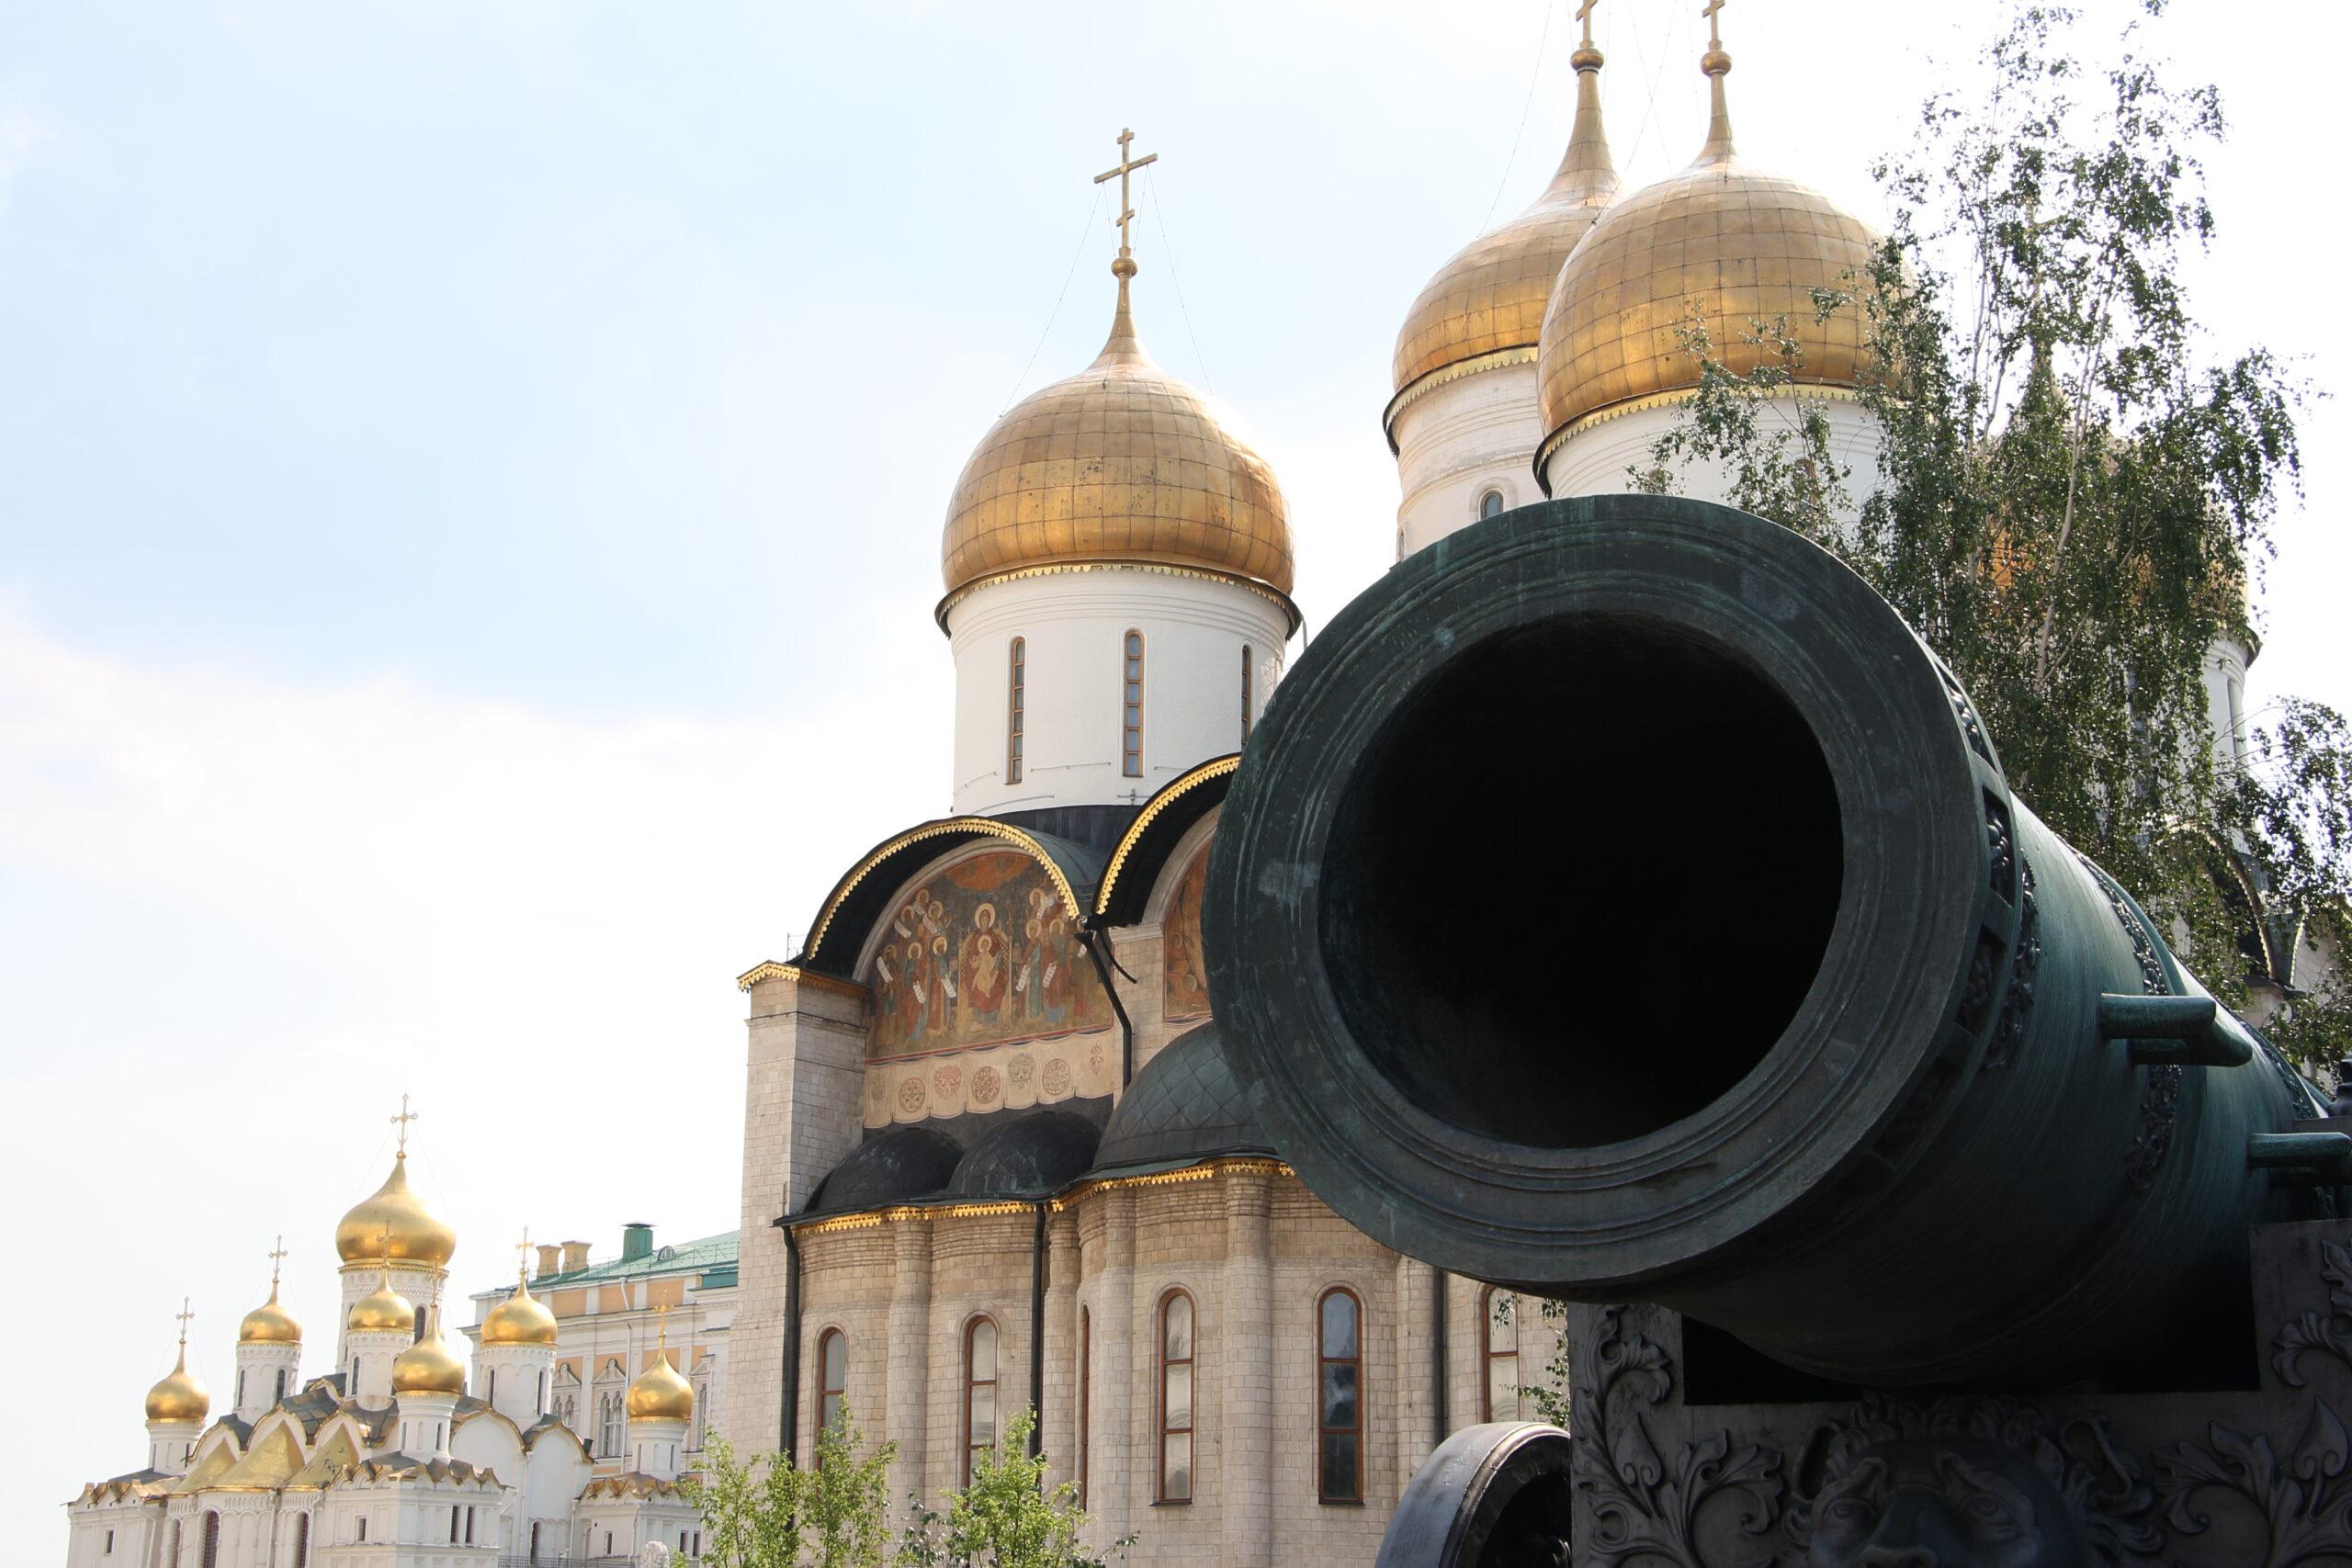 zar dei cannoni